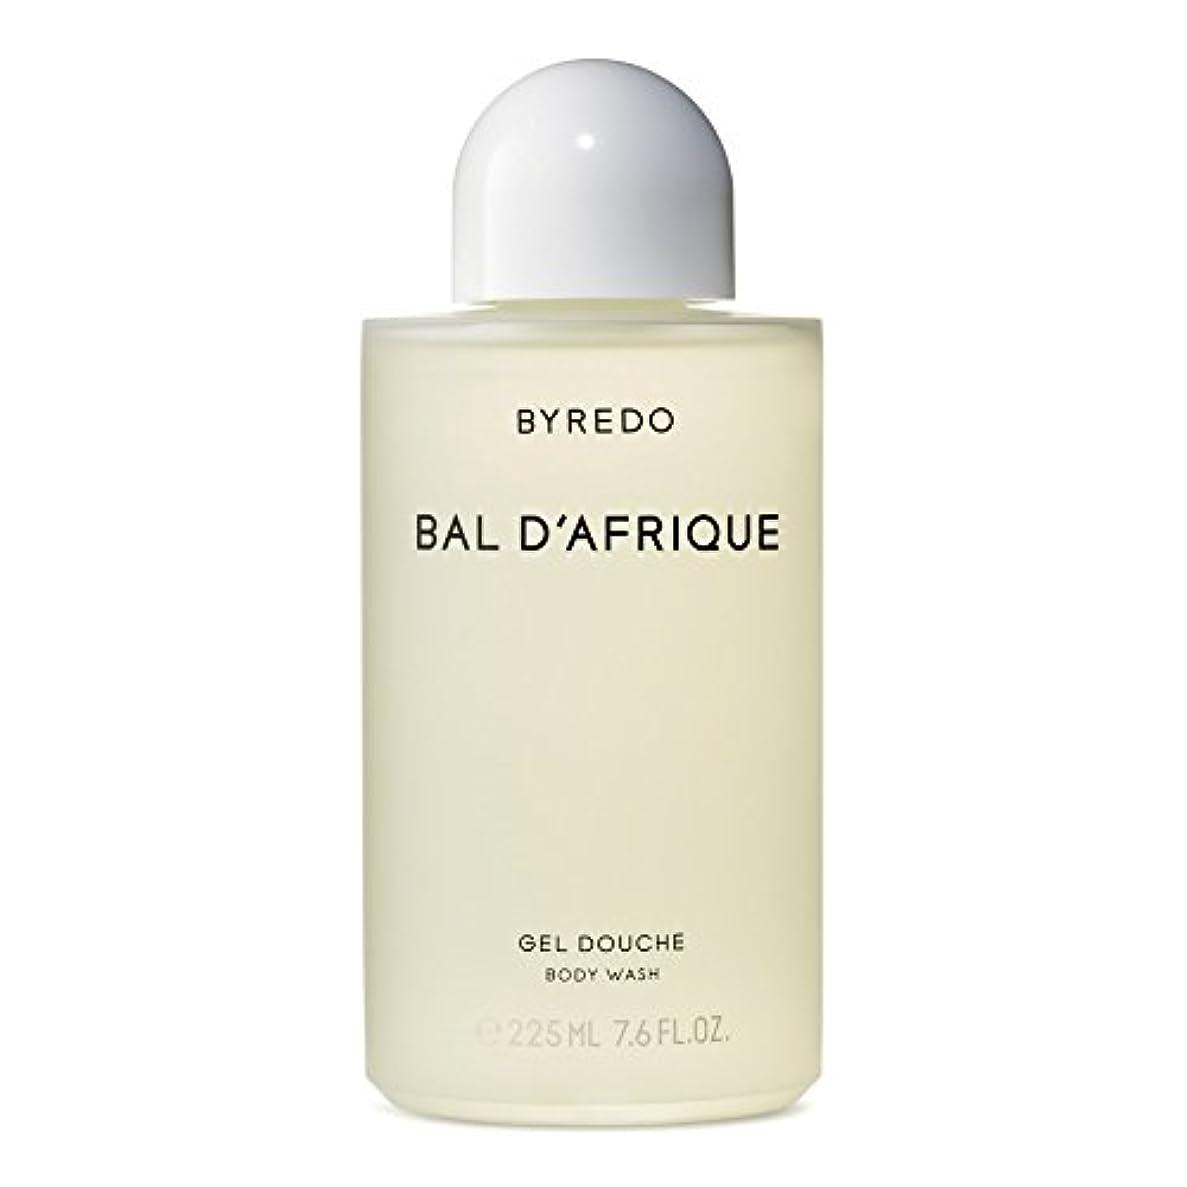 Byredo Bal d'Afrique Body Wash 225ml - 'のボディウォッシュ225ミリリットル [並行輸入品]